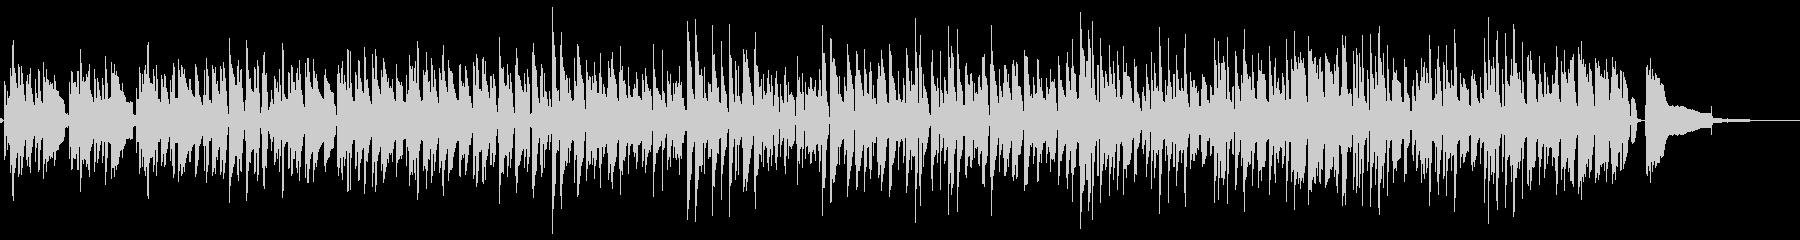 ■ピアノ・ウッドベース・ジャズ・しっとりの未再生の波形